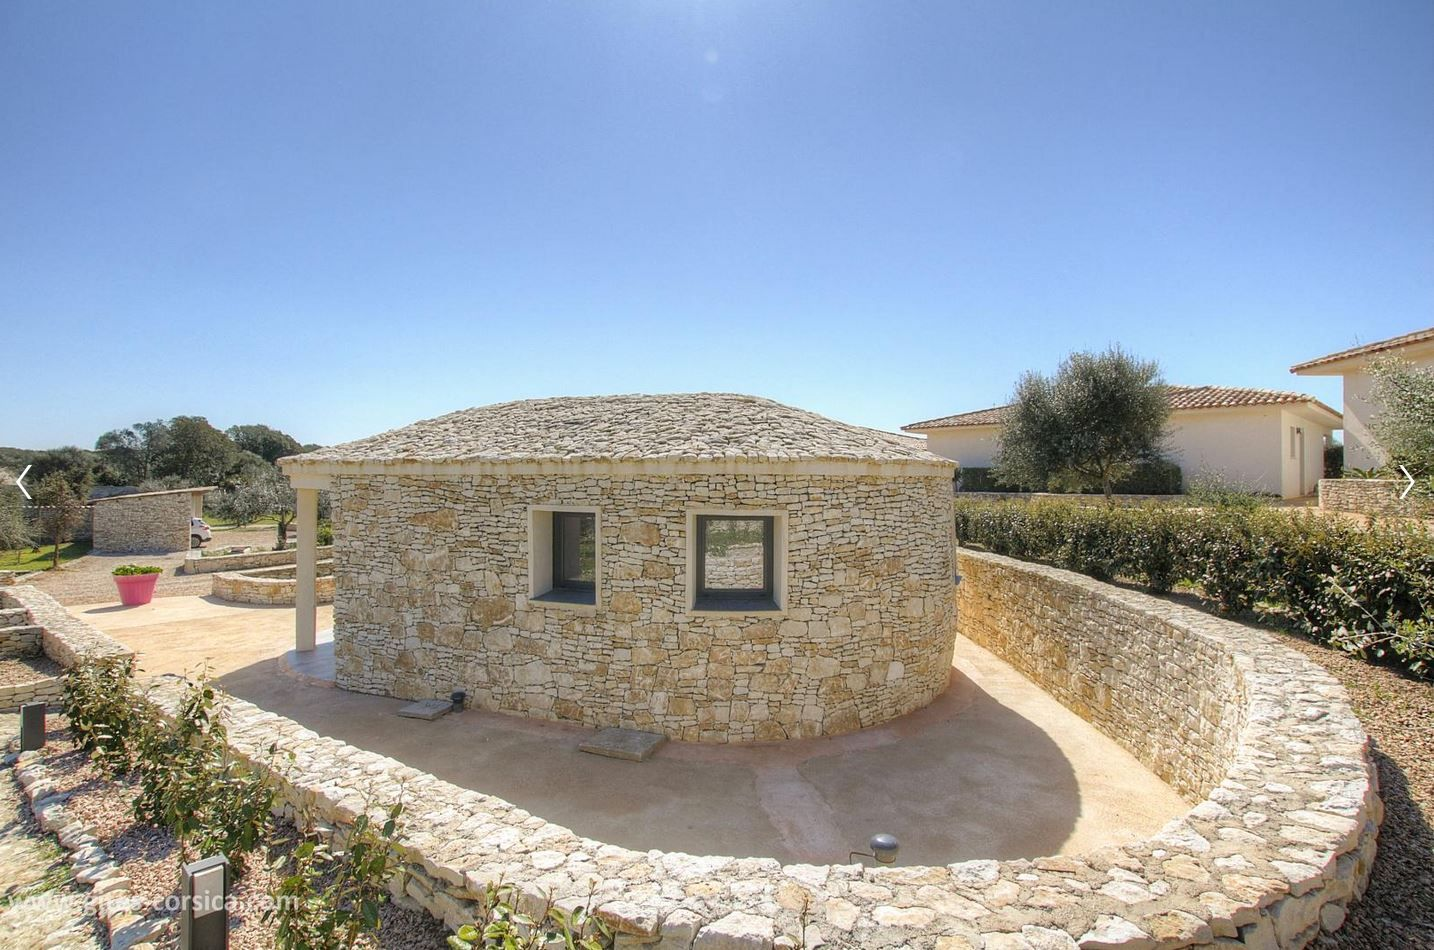 Chambre D Ha Tes U Barracun A Bonifacio Location De Vacances En Corse Le Sud Corse Site Officiel Ga Tes De France Corse Vacances Corse Gite De France Gite Rural